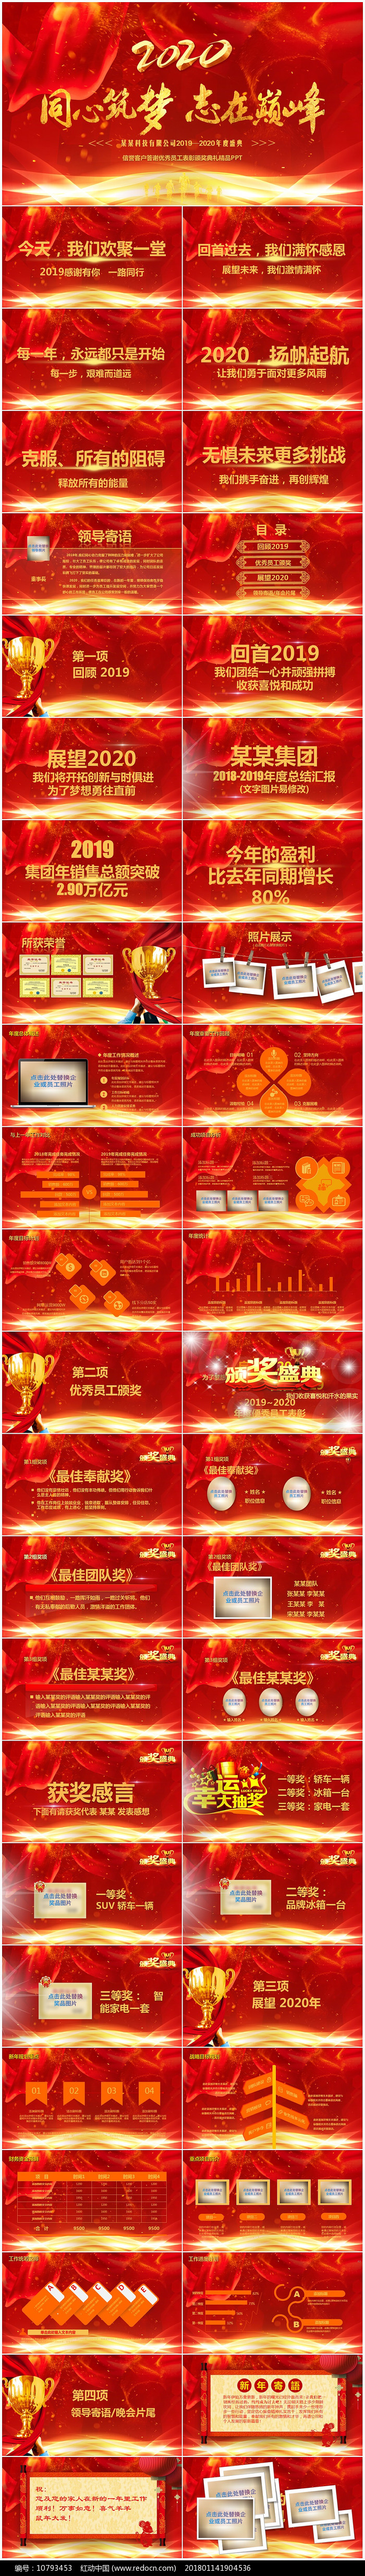 2020企业公司年会暨颁奖典礼PPT模板图片